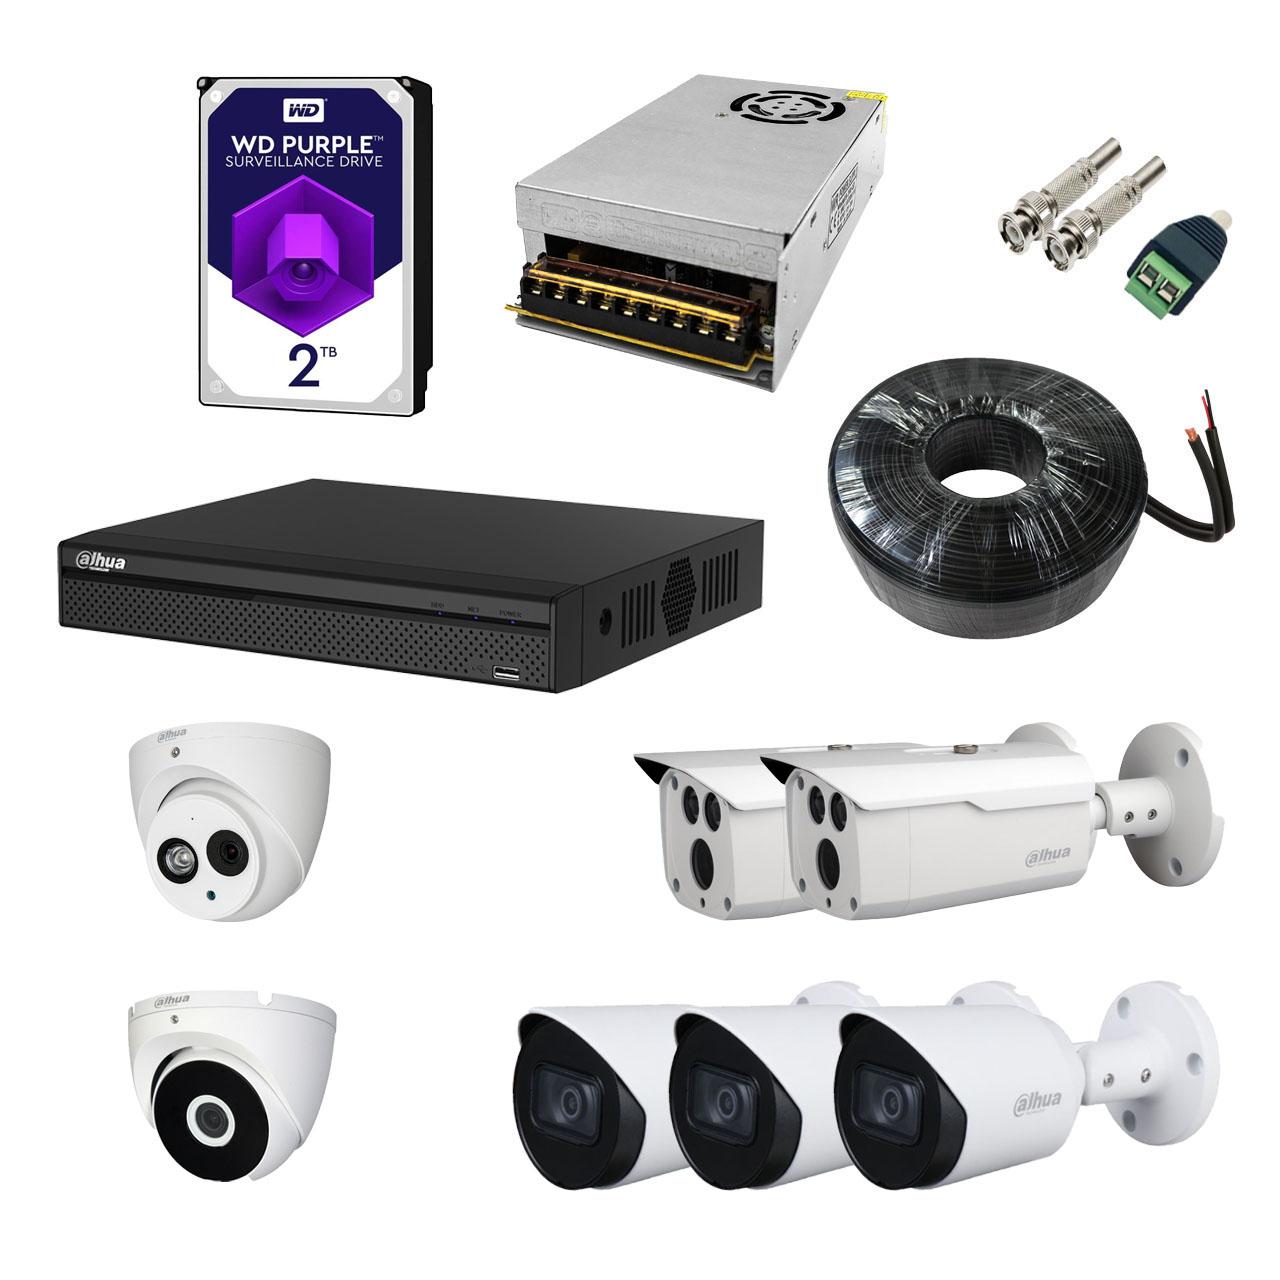 بررسی و خرید [با تخفیف]                                     سیستم امنیتی داهوا مدل DP72S2512-N                             اورجینال